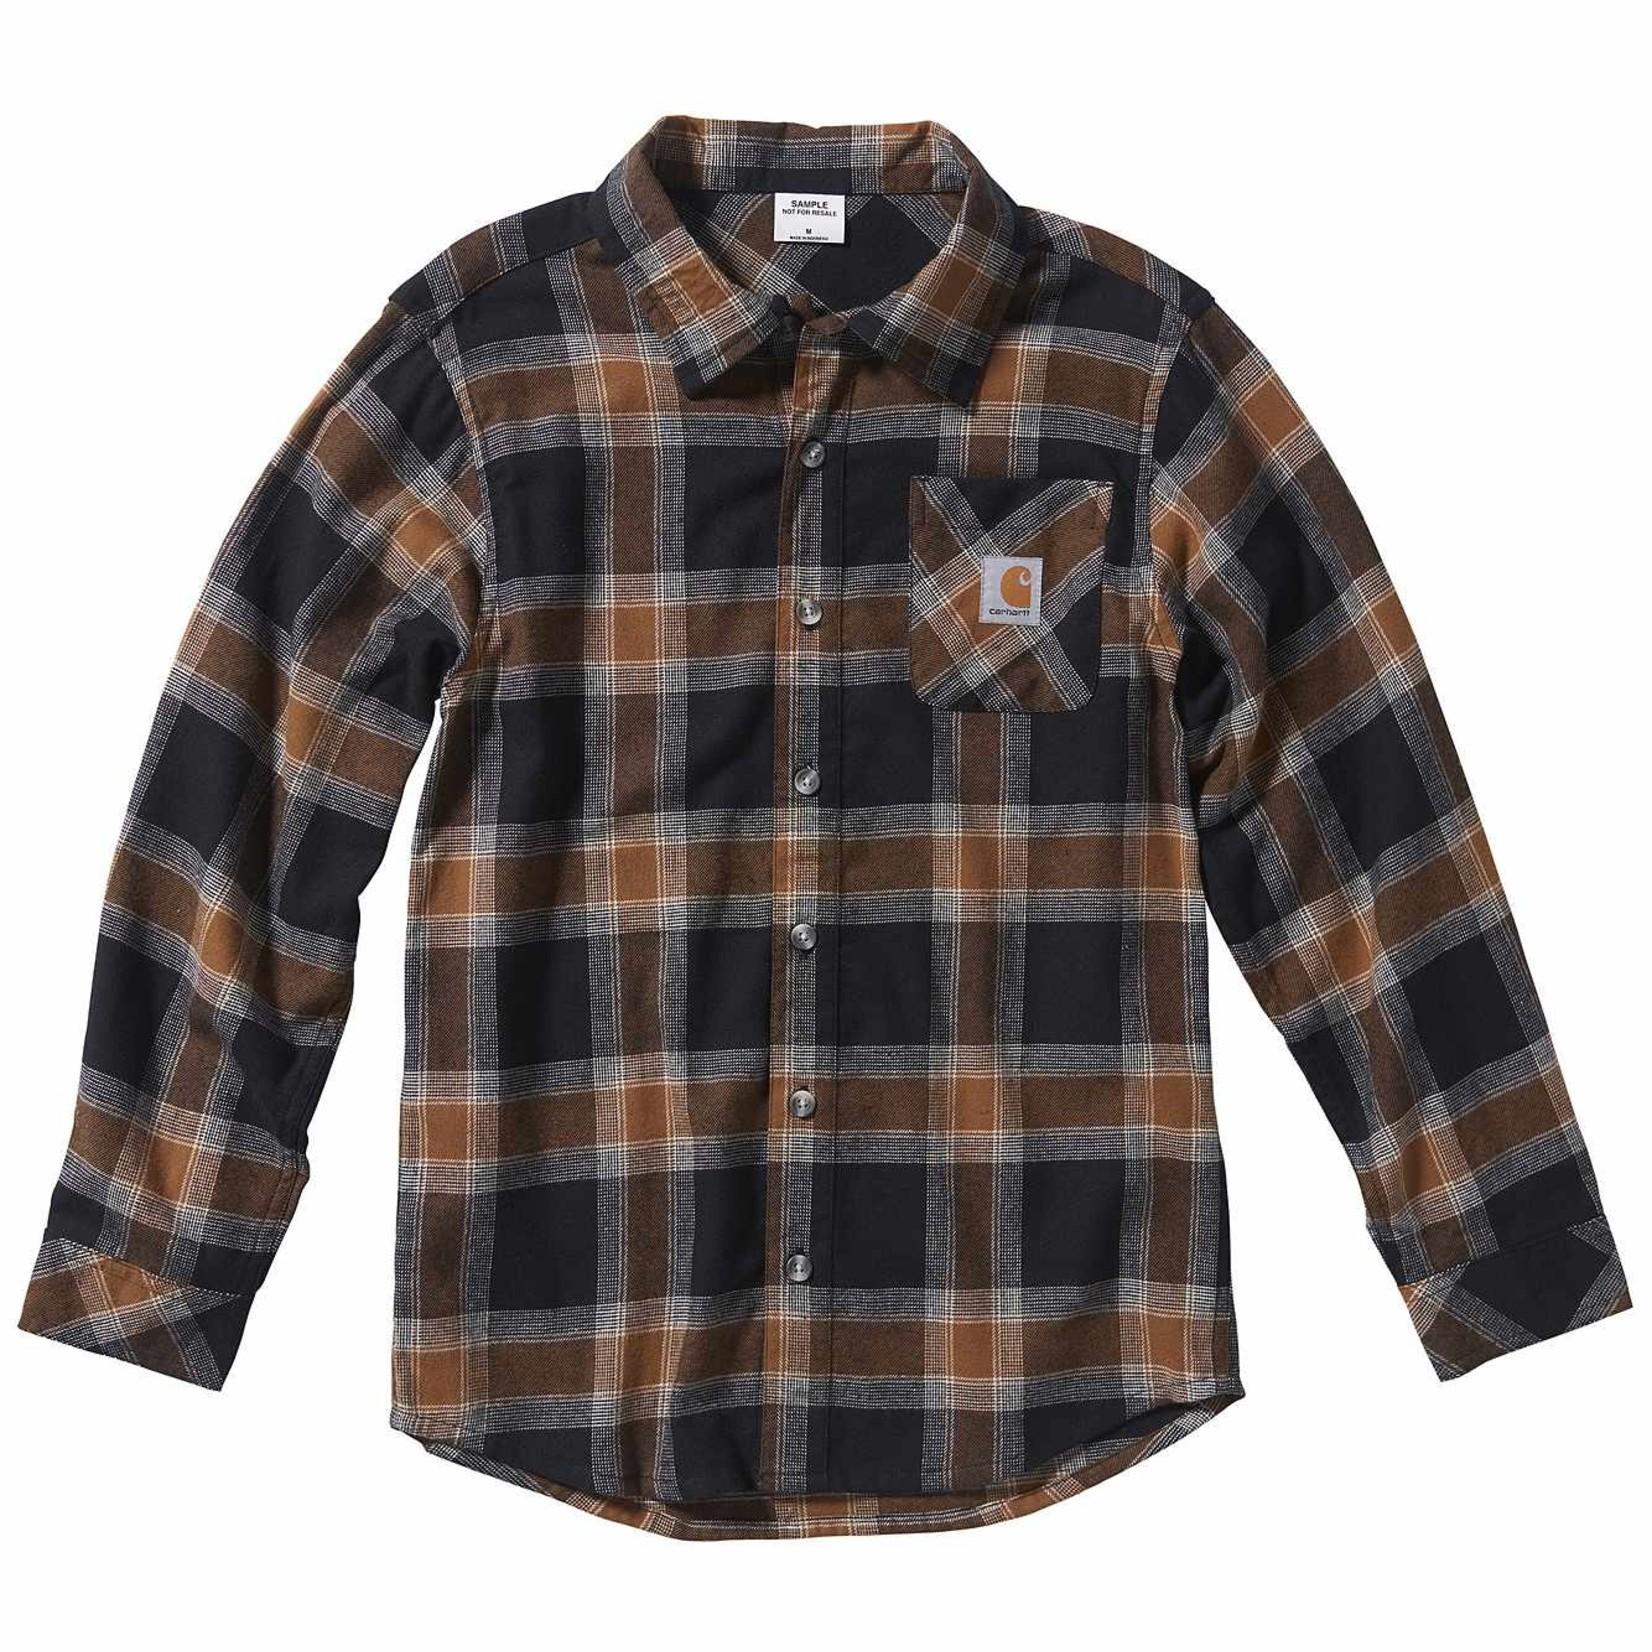 Carhartt Carhartt Kids CE8180 Longsleeve Flannel Shirt